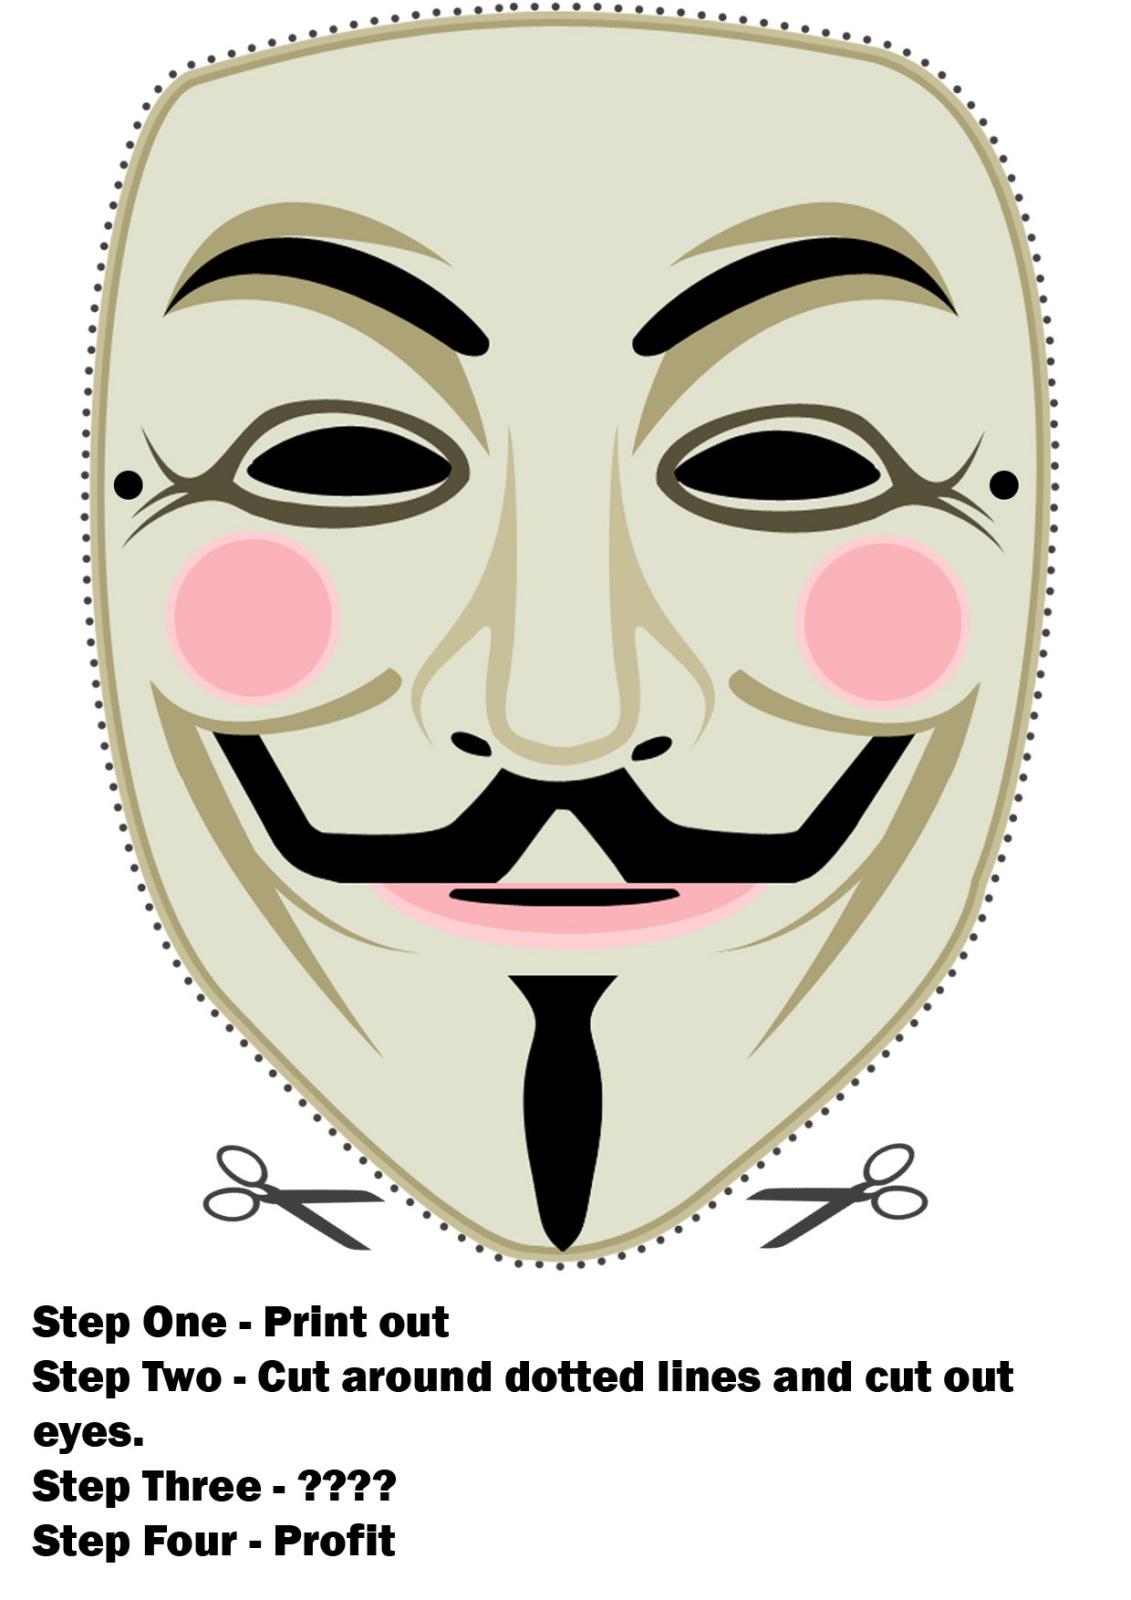 Tutoriales Apócrifos: Hazte tu propia máscara de Anonymous